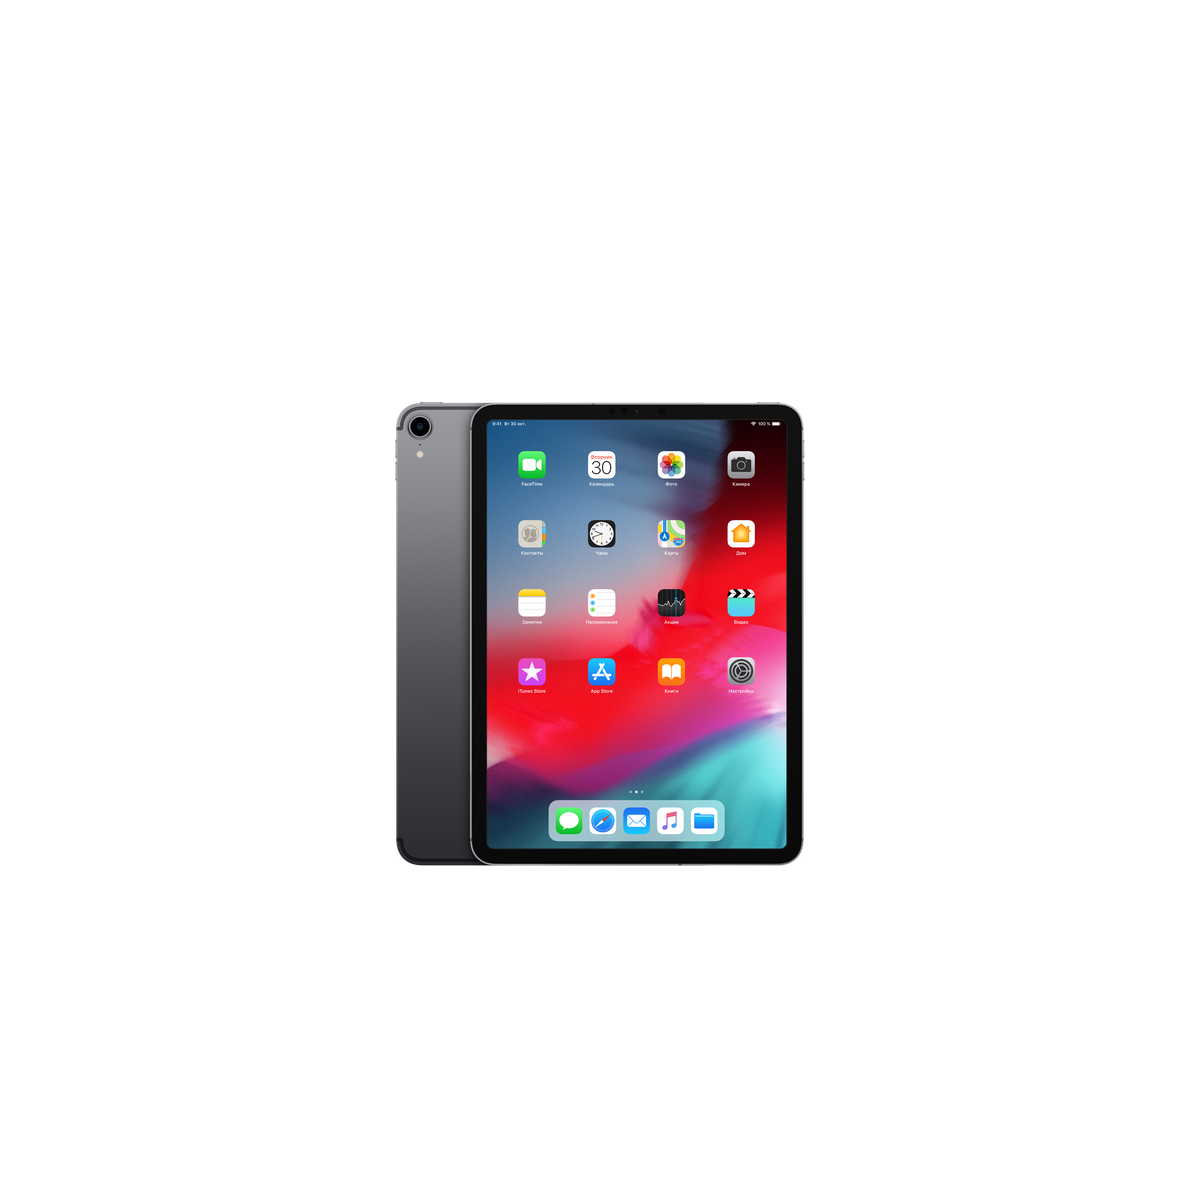 Apple iPad Pro 11 2018 Wi-Fi + LTE 256GB Space Gray